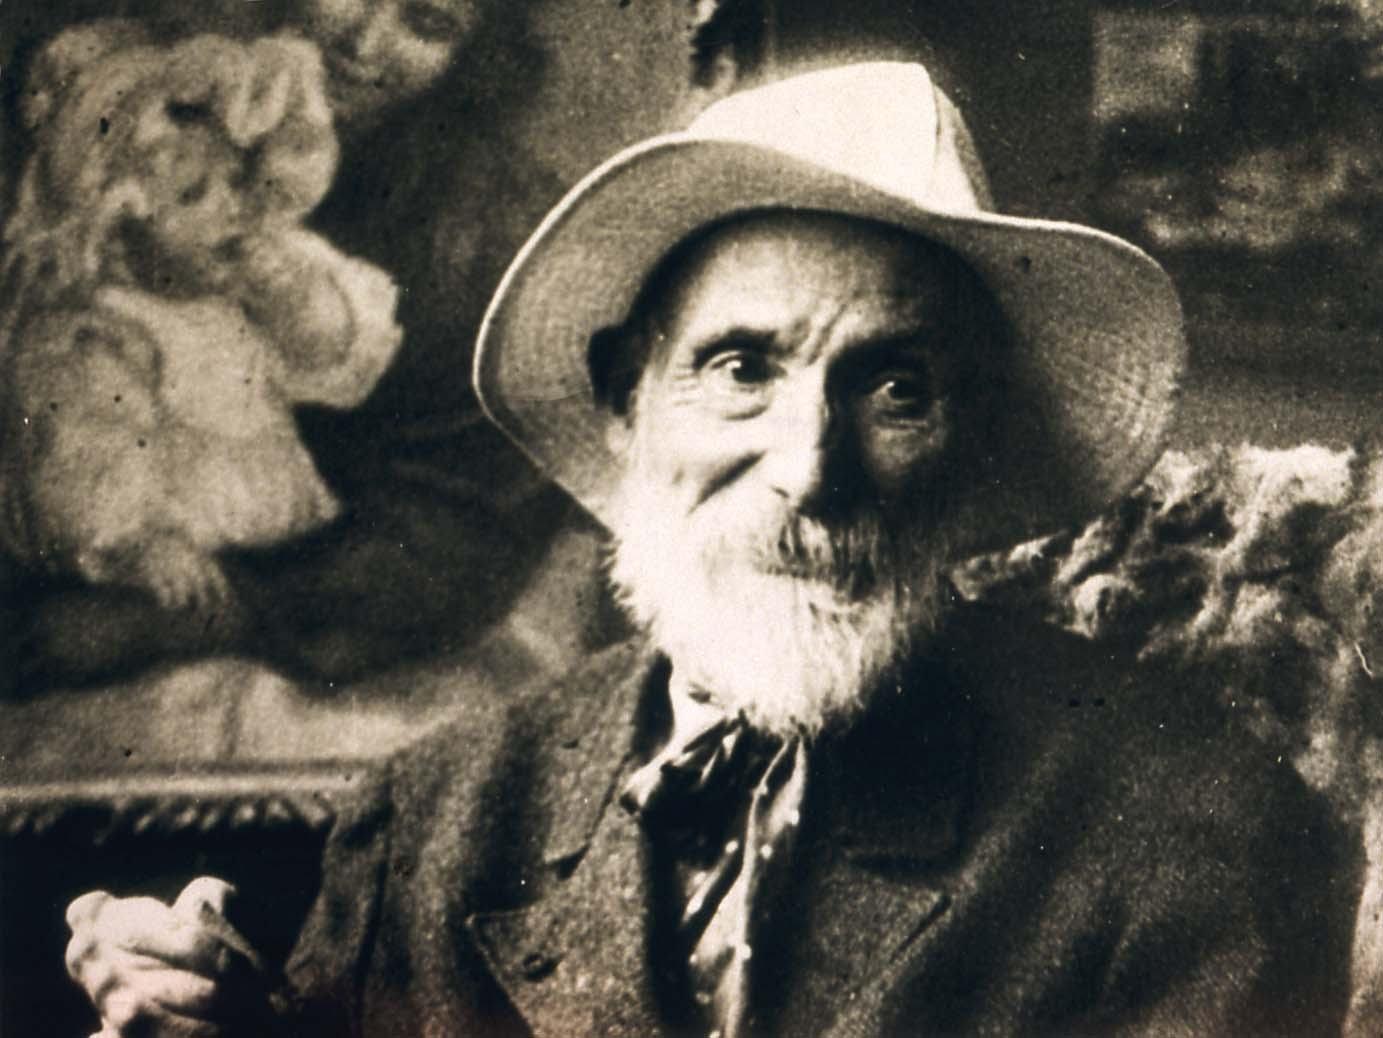 Auguste Renoir - Biografia, carreiras e principais obras b3330335e0